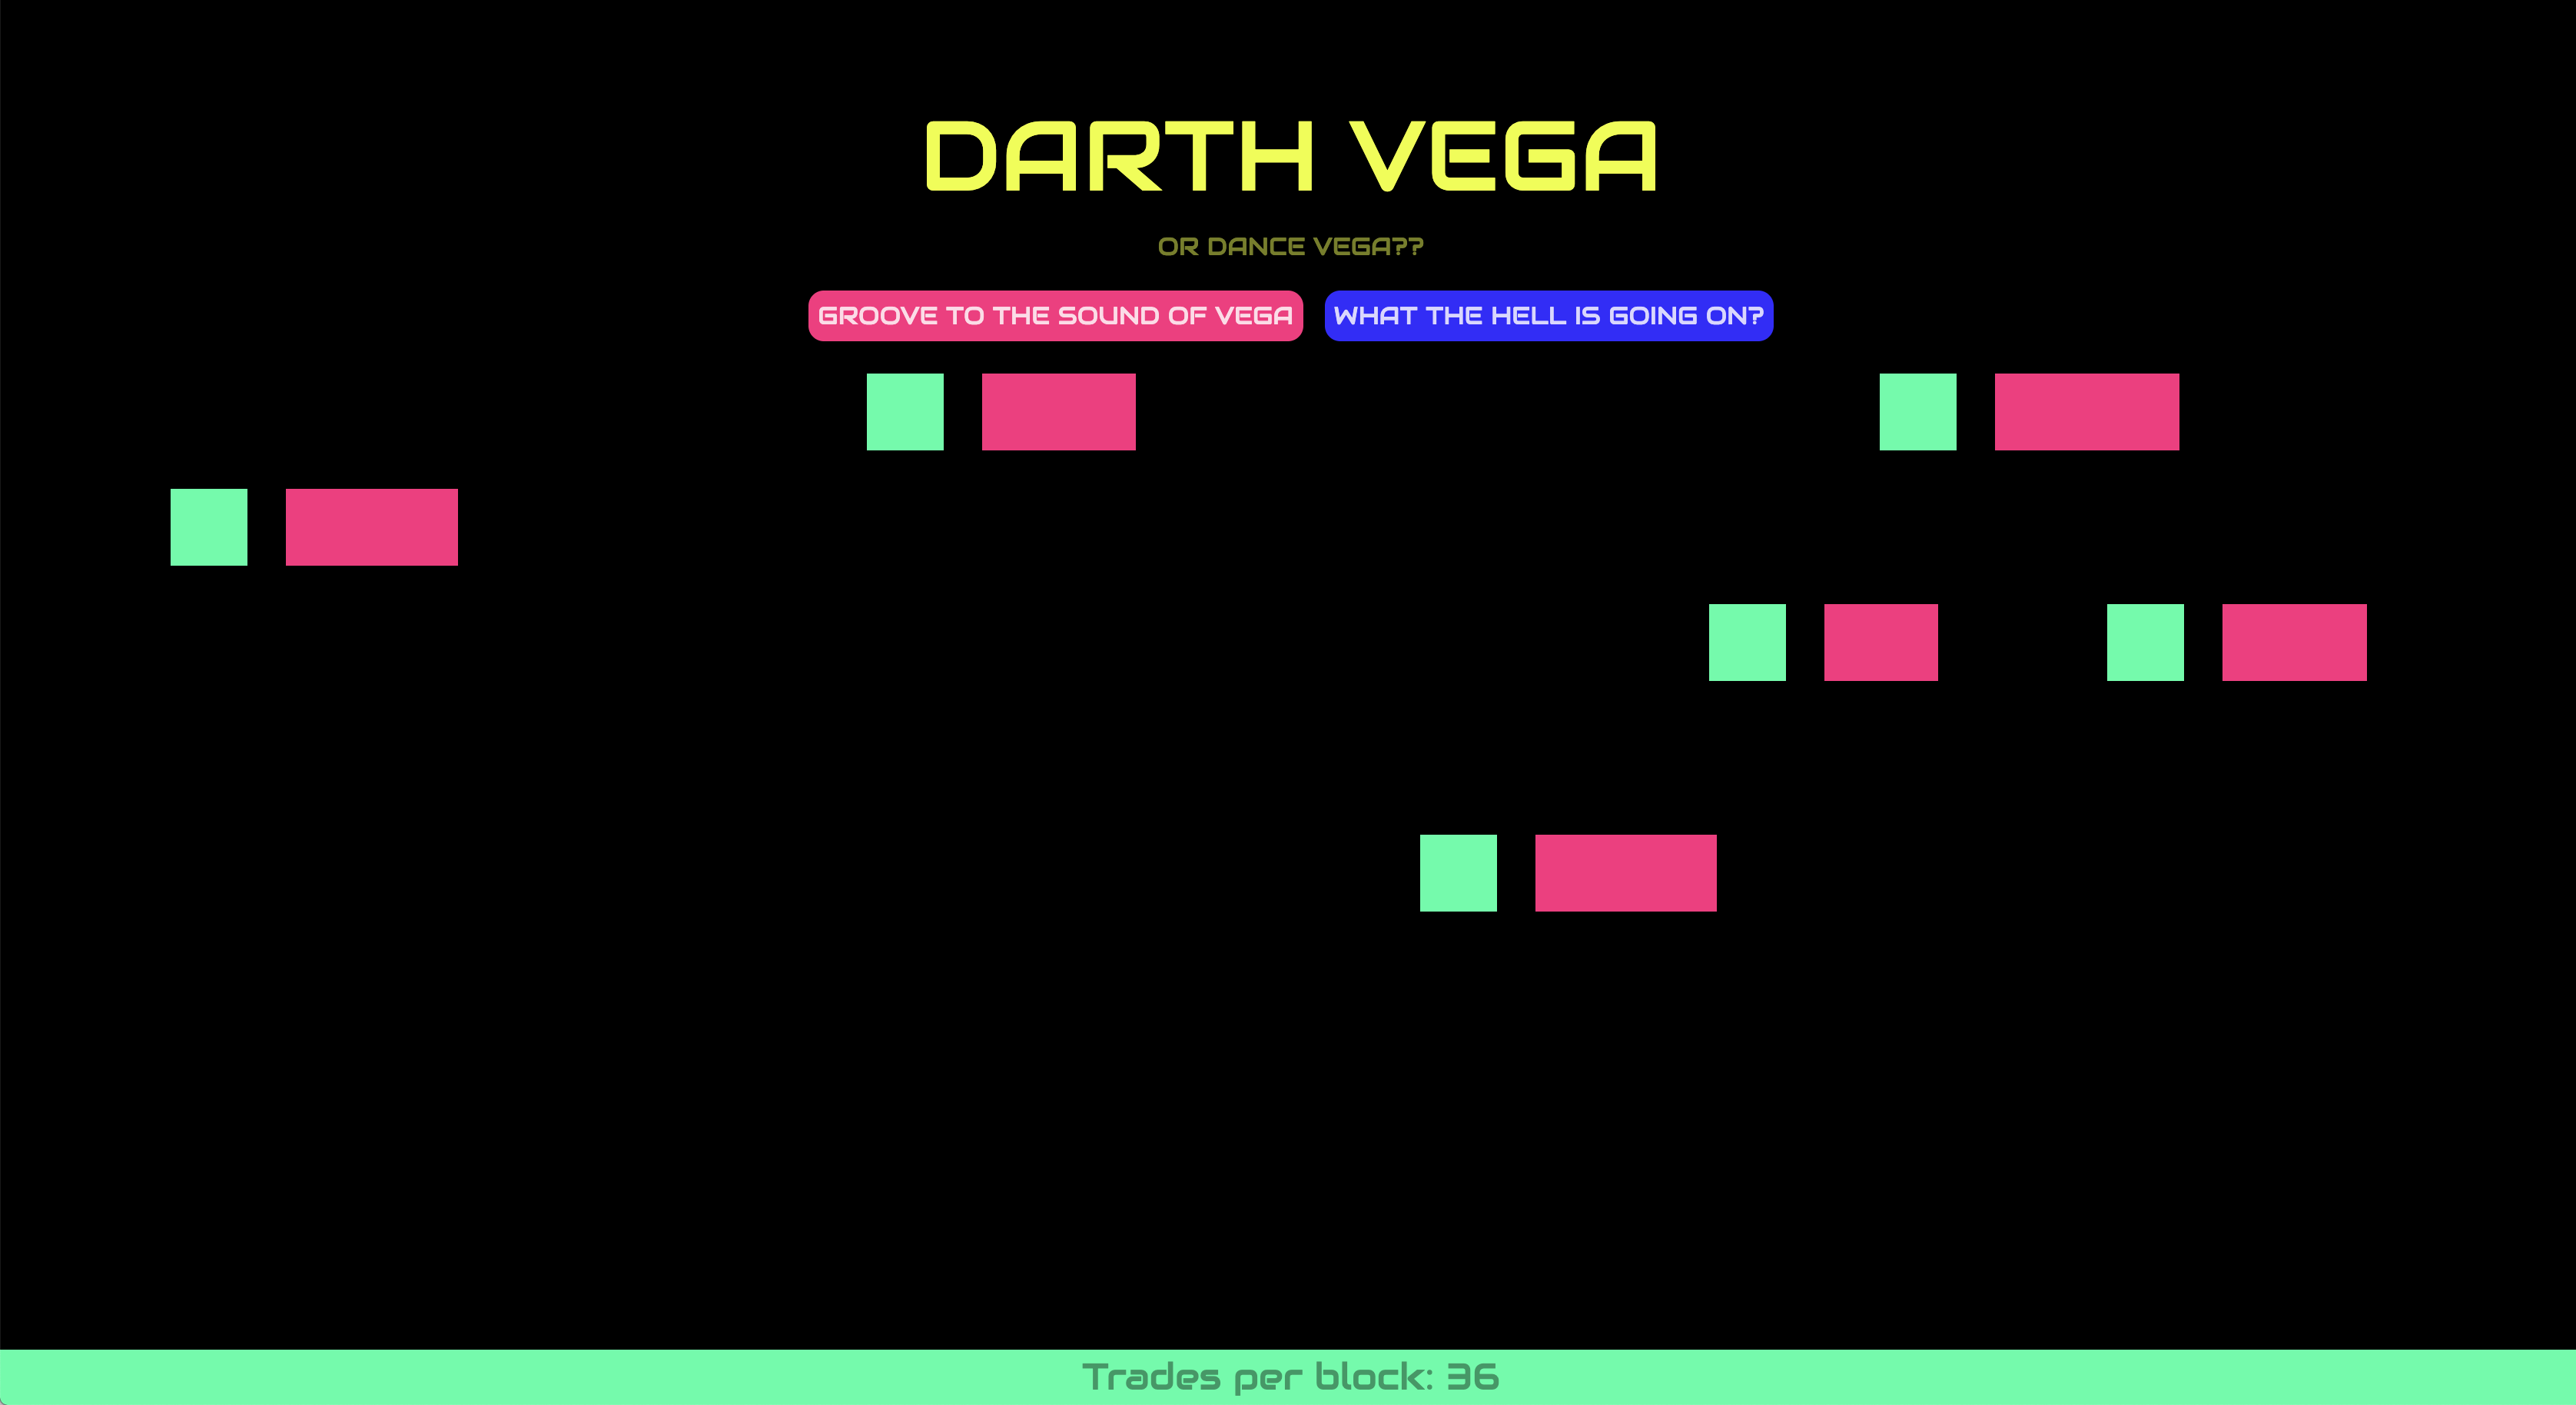 Darth Vega showcase